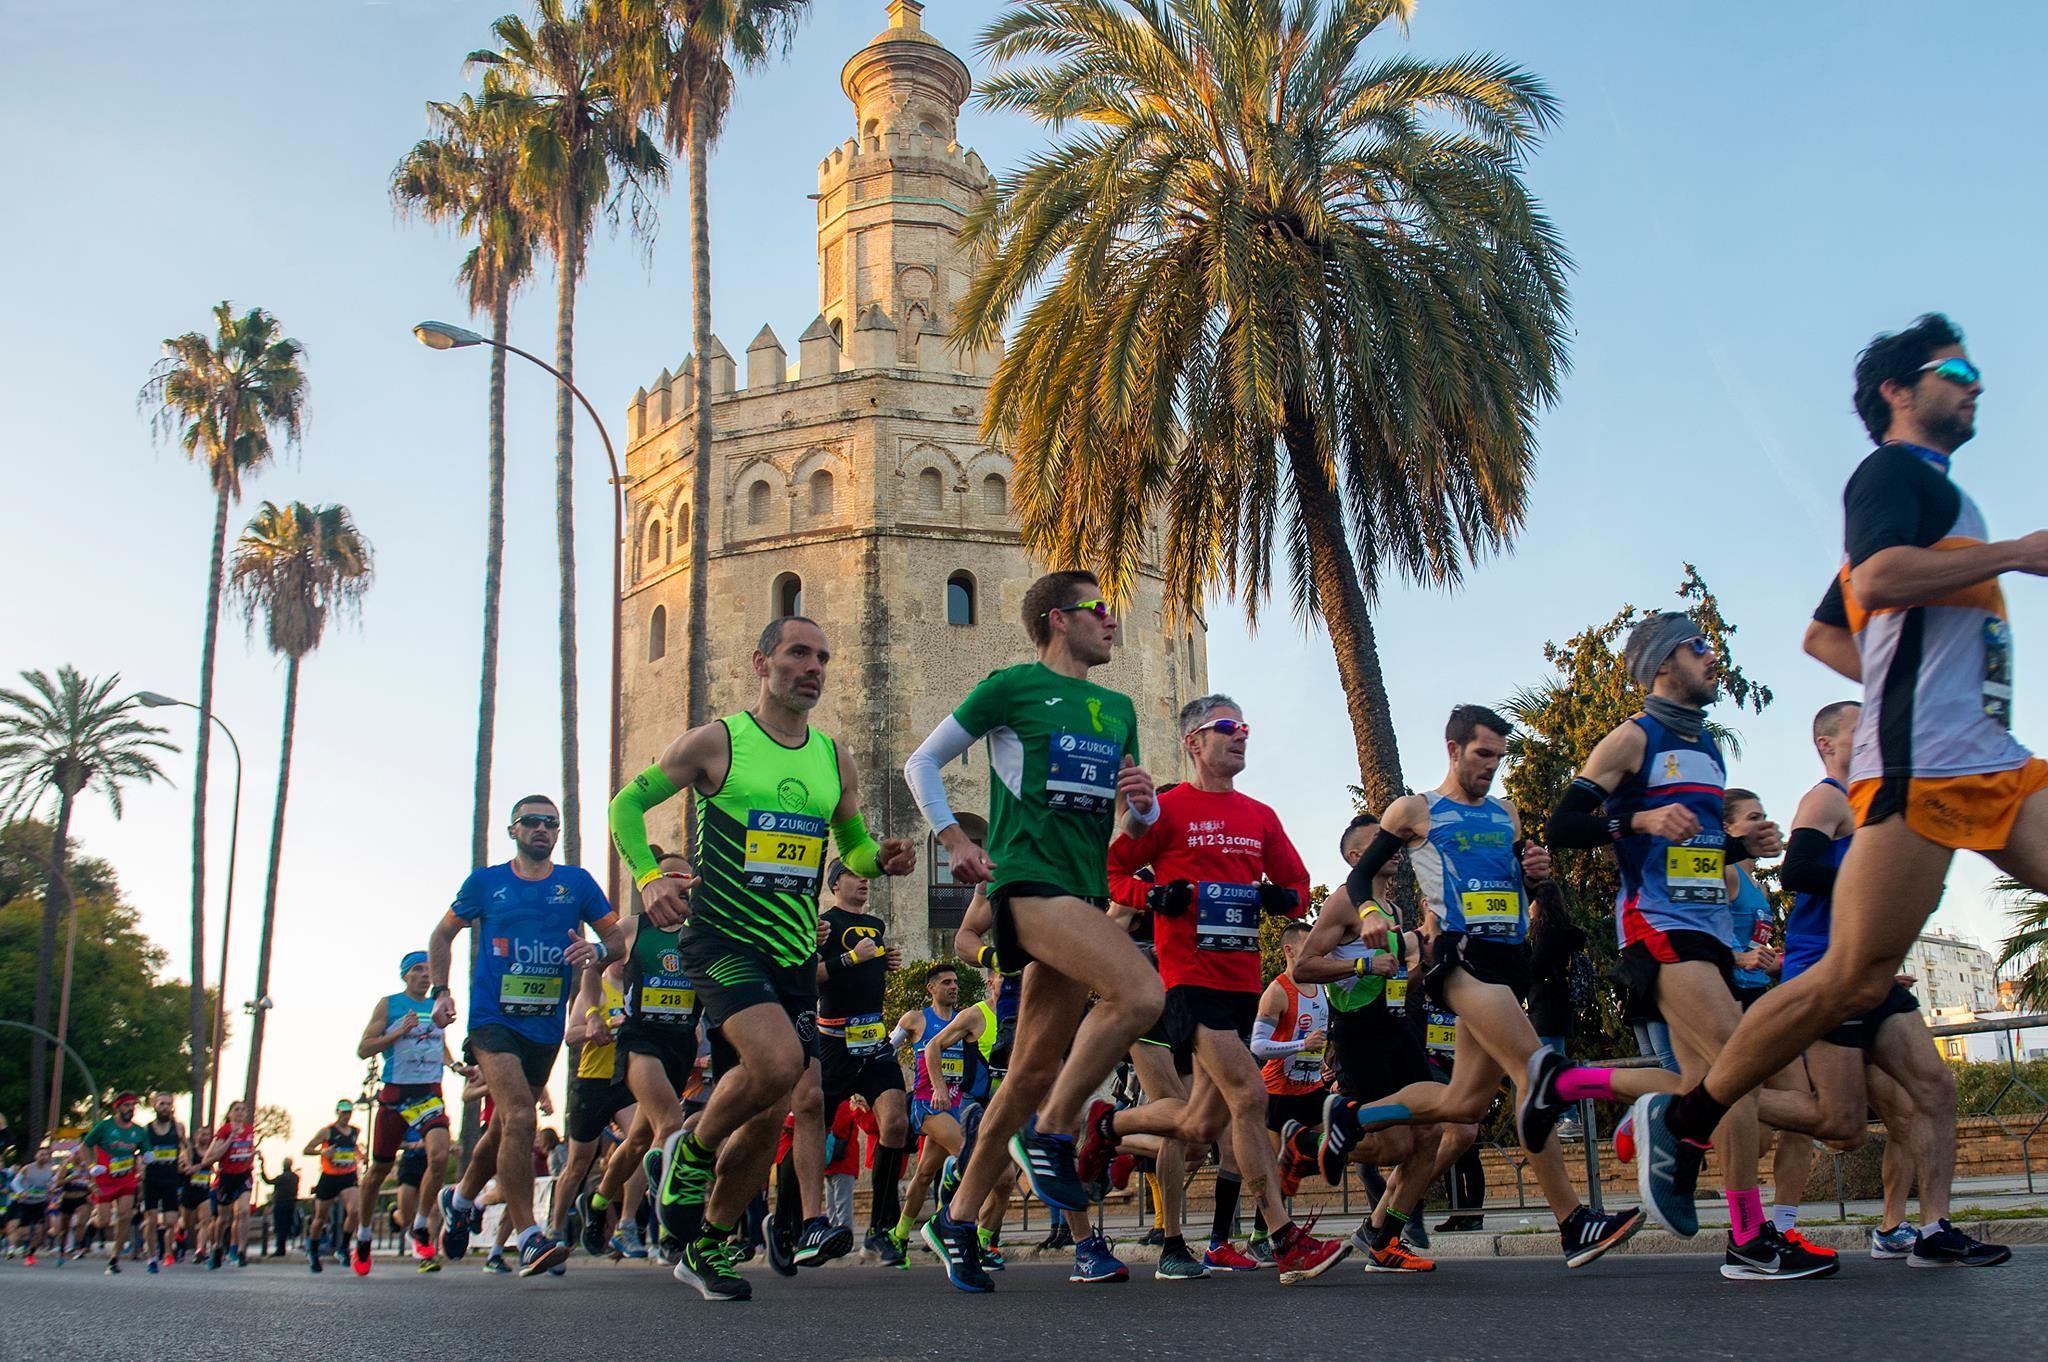 Así vivimos la maratón de Sevilla desde dentro  sudor y lágrimas para ser  finisher de la maratón más llana de Europa 84dbb80d7e8df